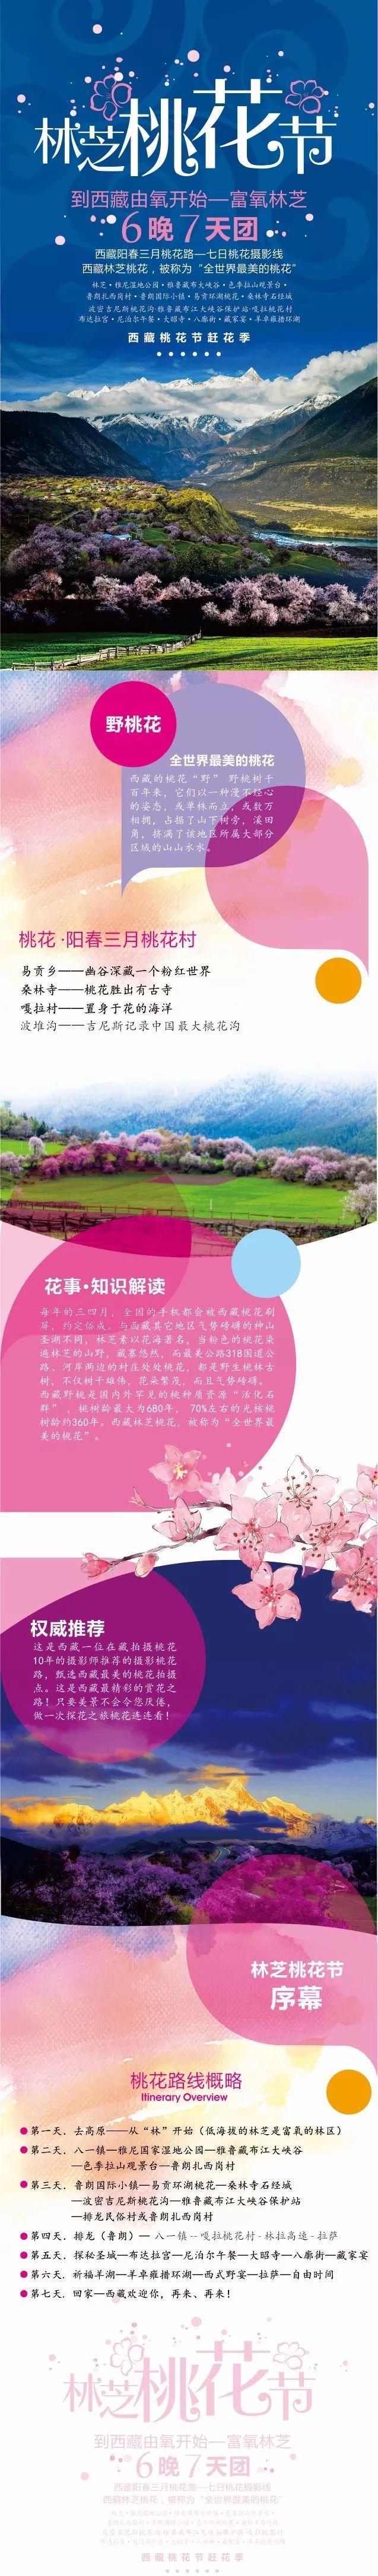 林芝桃花节丨西藏7天-户外